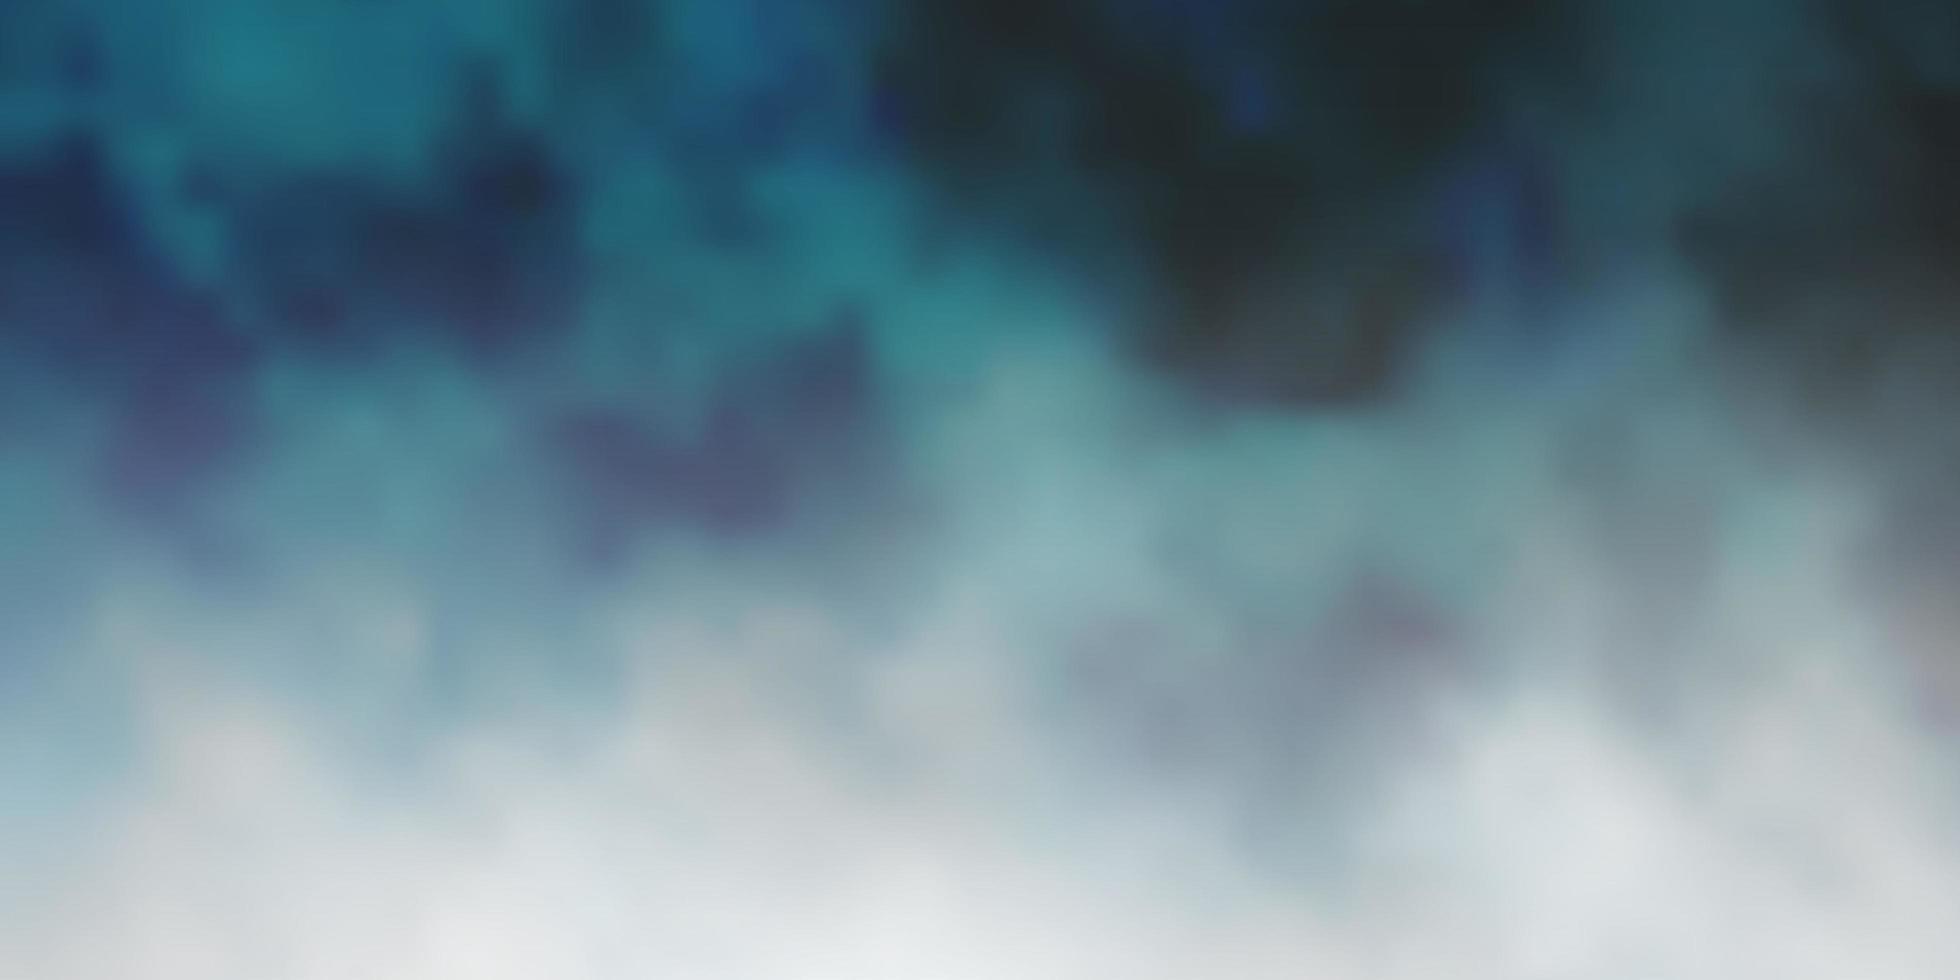 fond de vecteur gris clair avec des nuages.